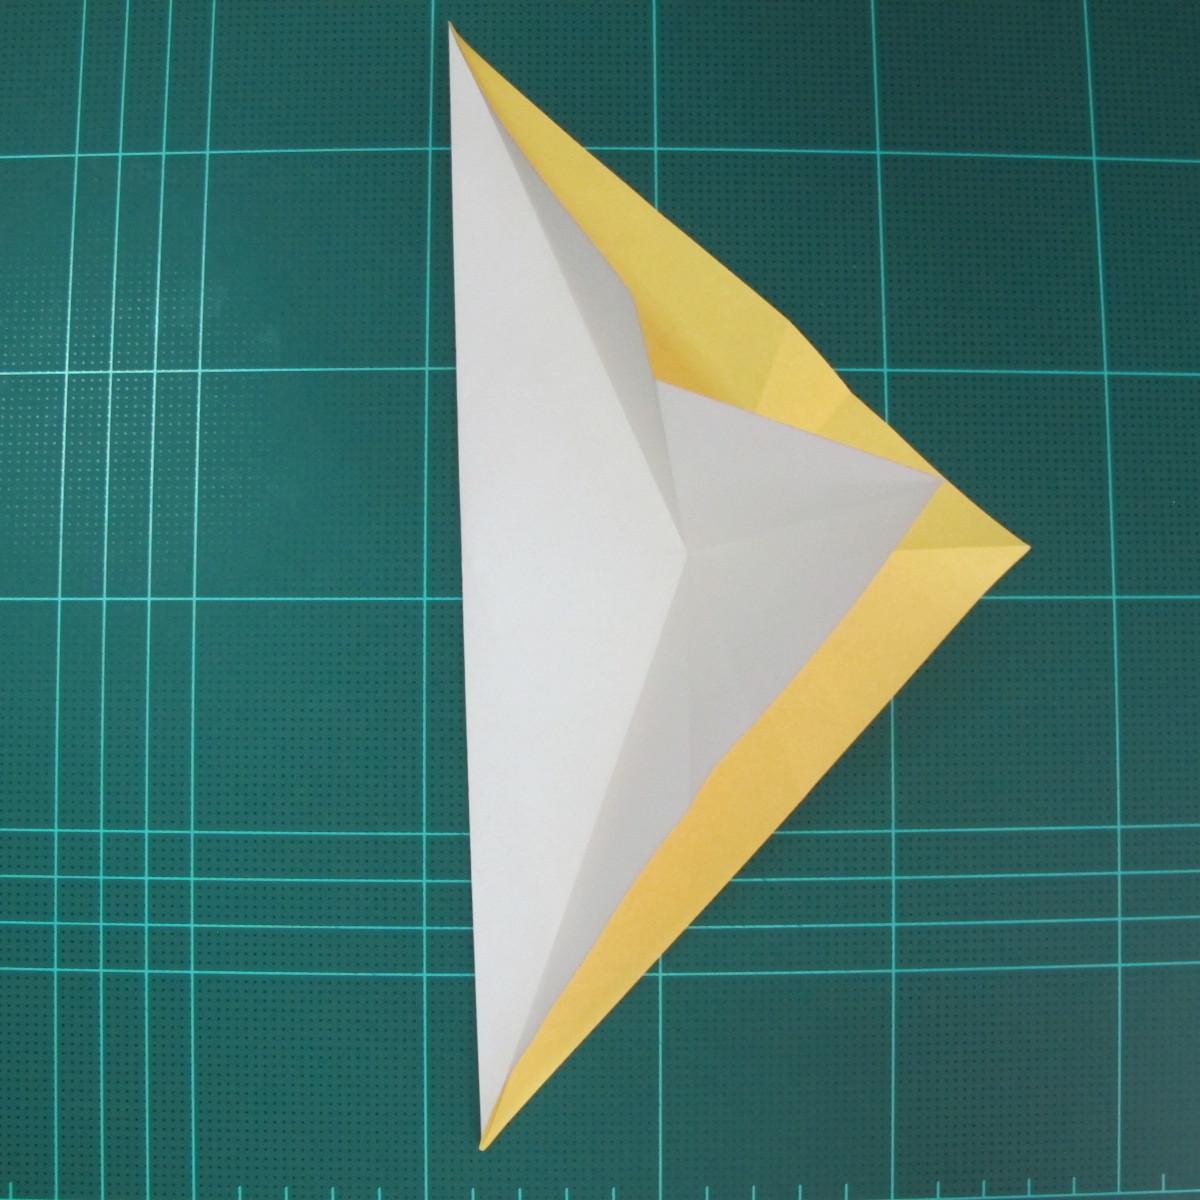 วิธีการพับกระดาษรูปม้าน้ำ (Origami Seahorse) 009